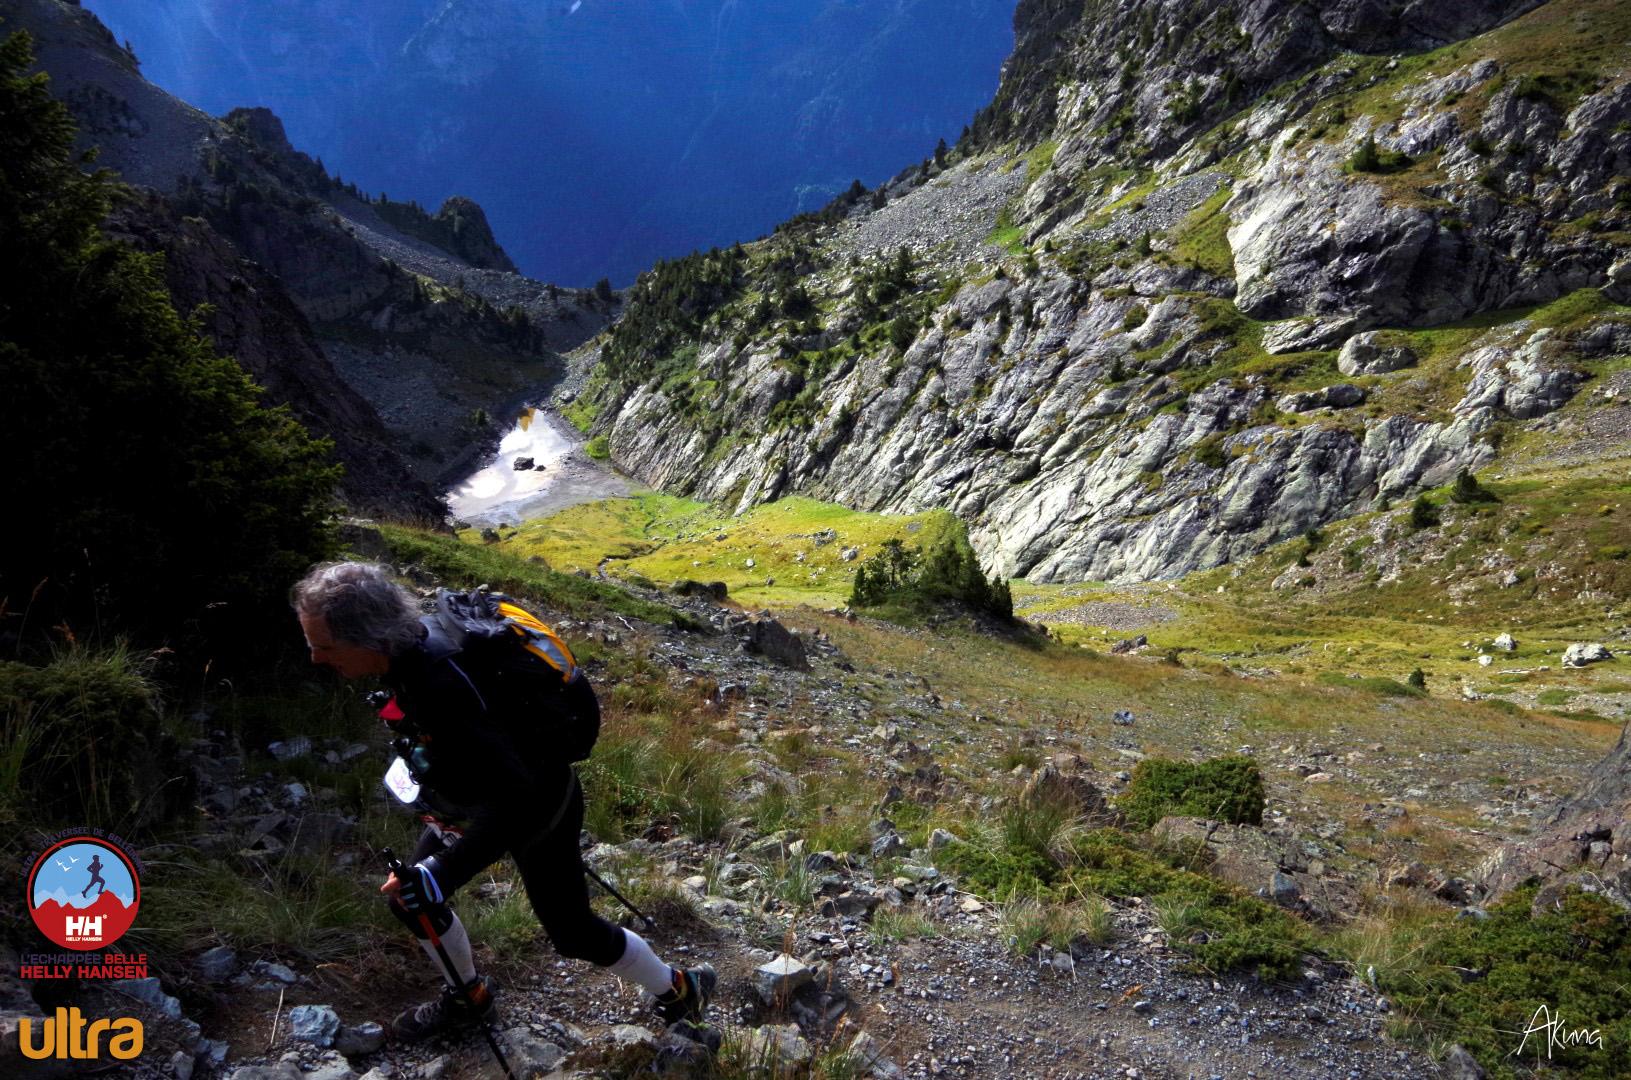 AKU9574 Large - ECHAPPEE BELLE-HELLY HANSEN 2014 : l'interview exclusive du vainqueur Sangé Sherpa (Alexandre Garin), résultats et photos.